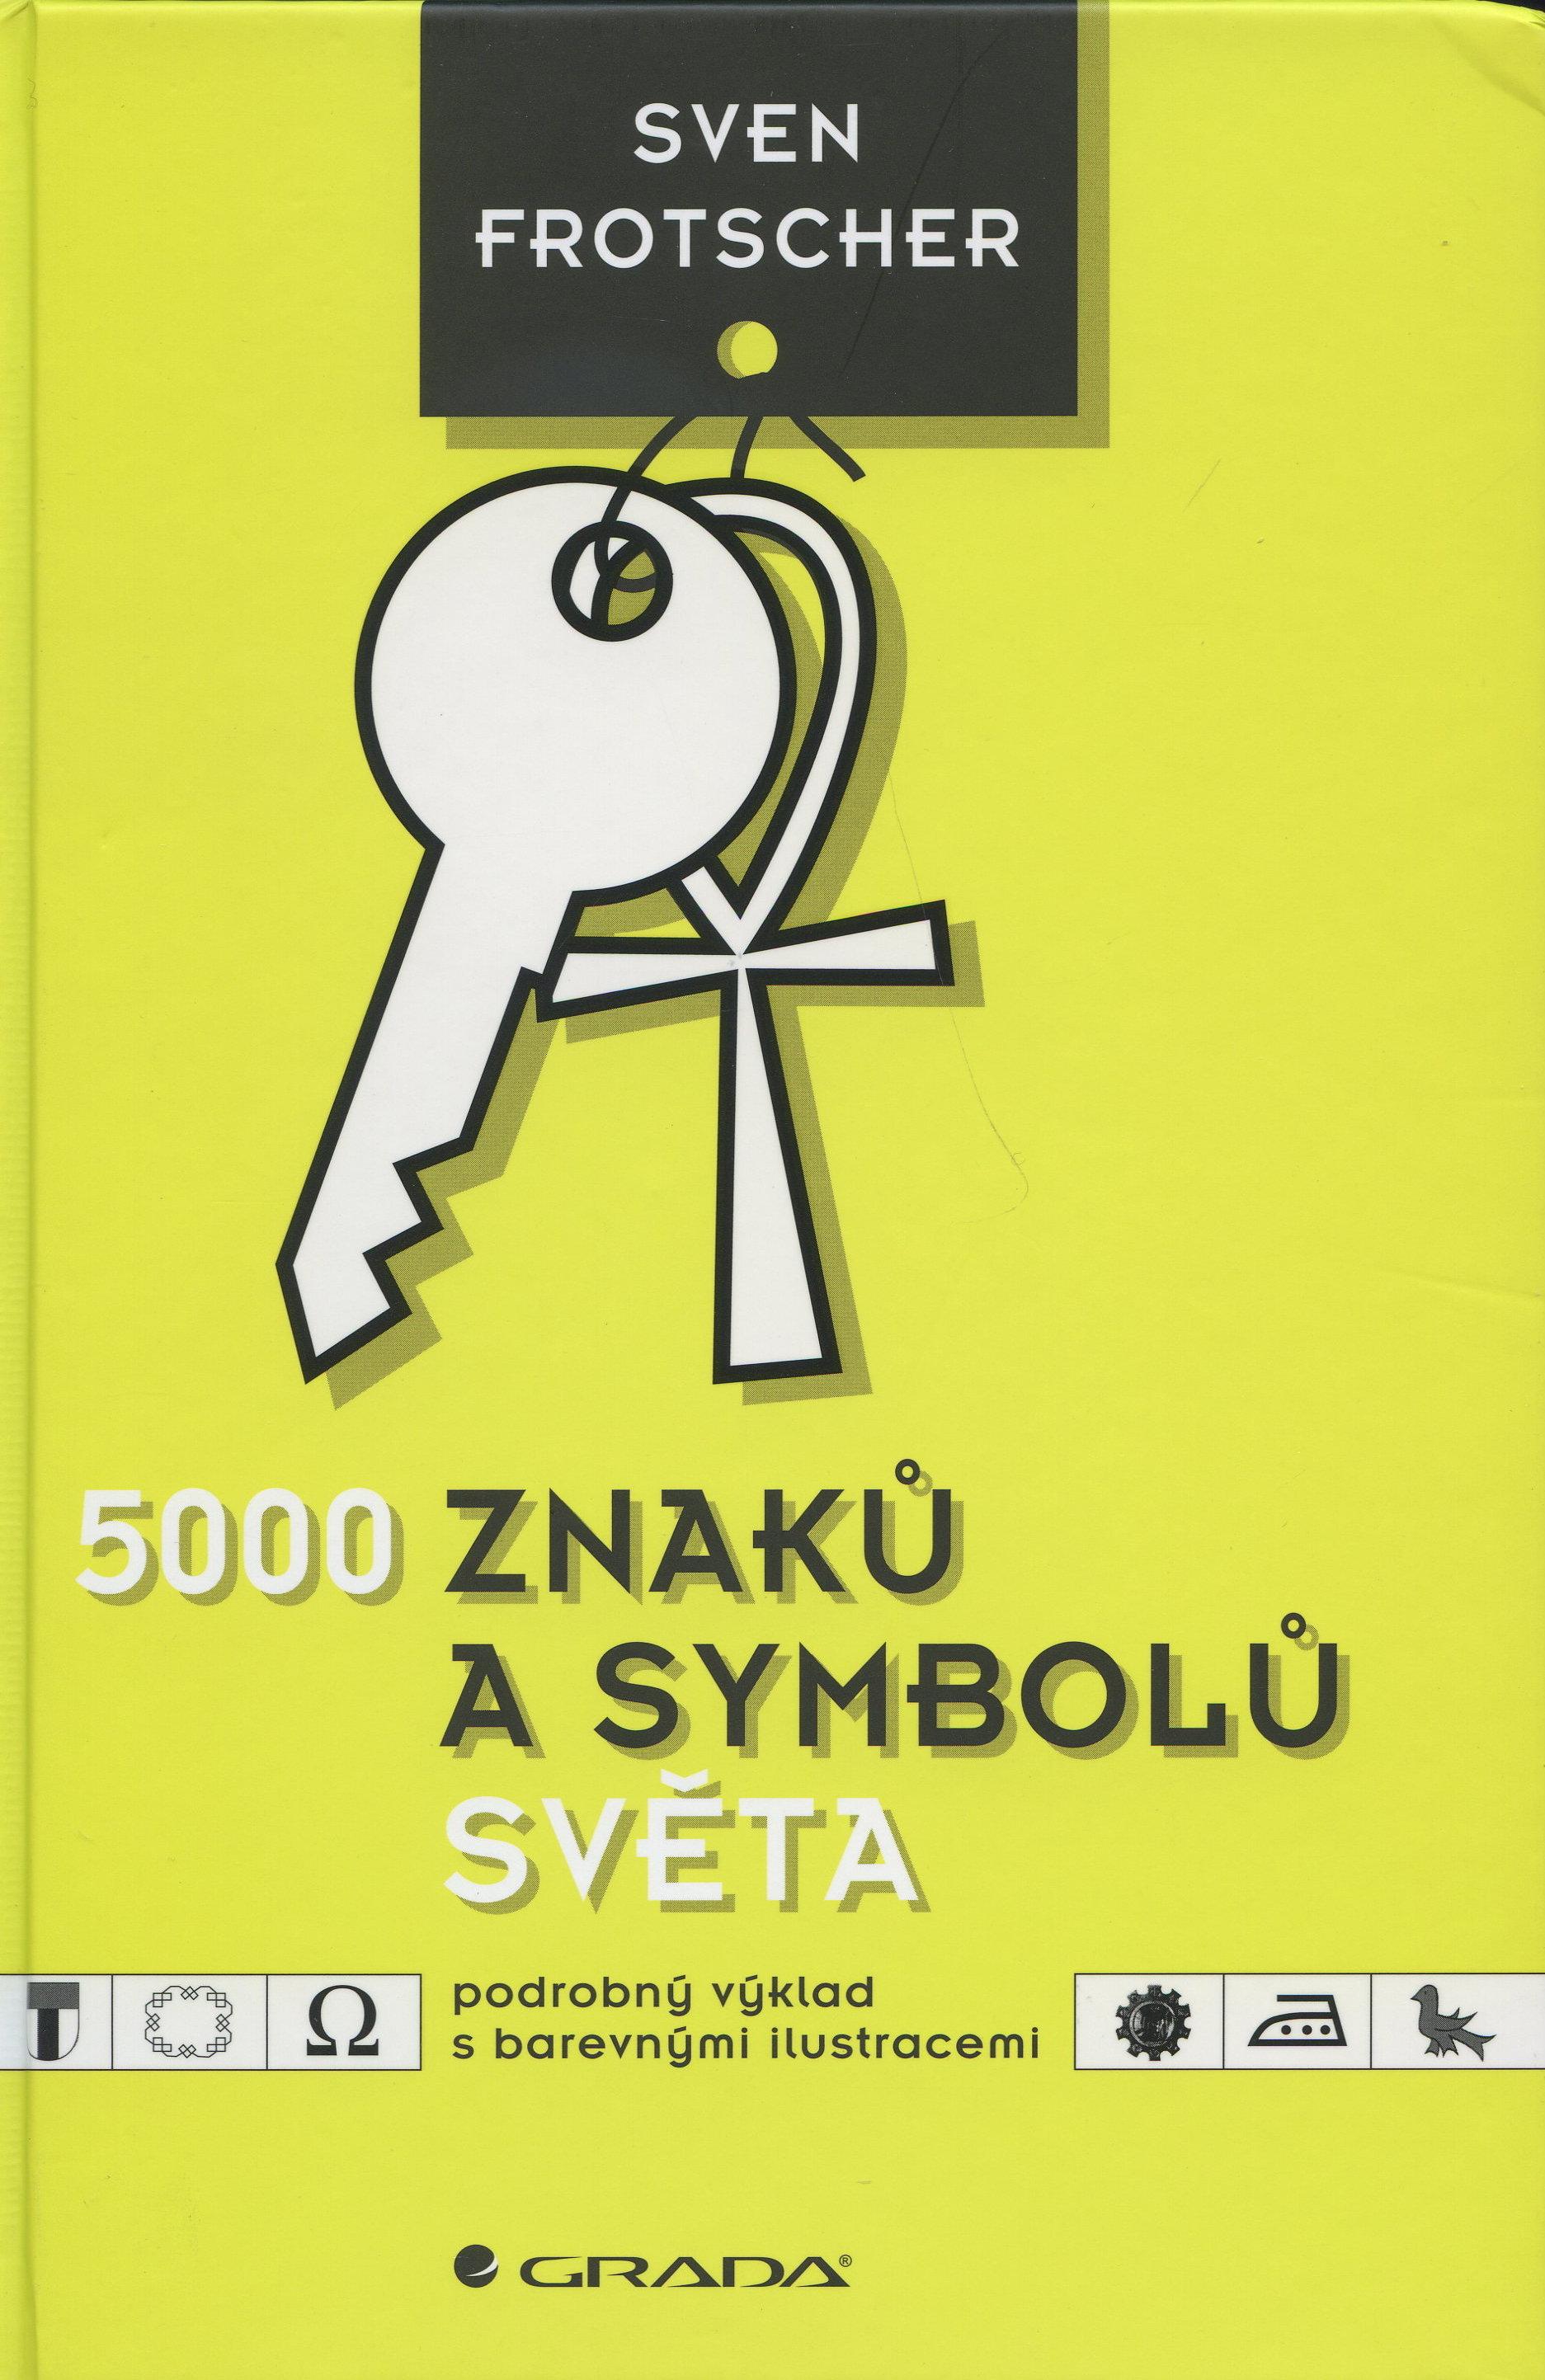 5000 znaků a symbolů světa - podrobný výklad s barevnými ilustracemi